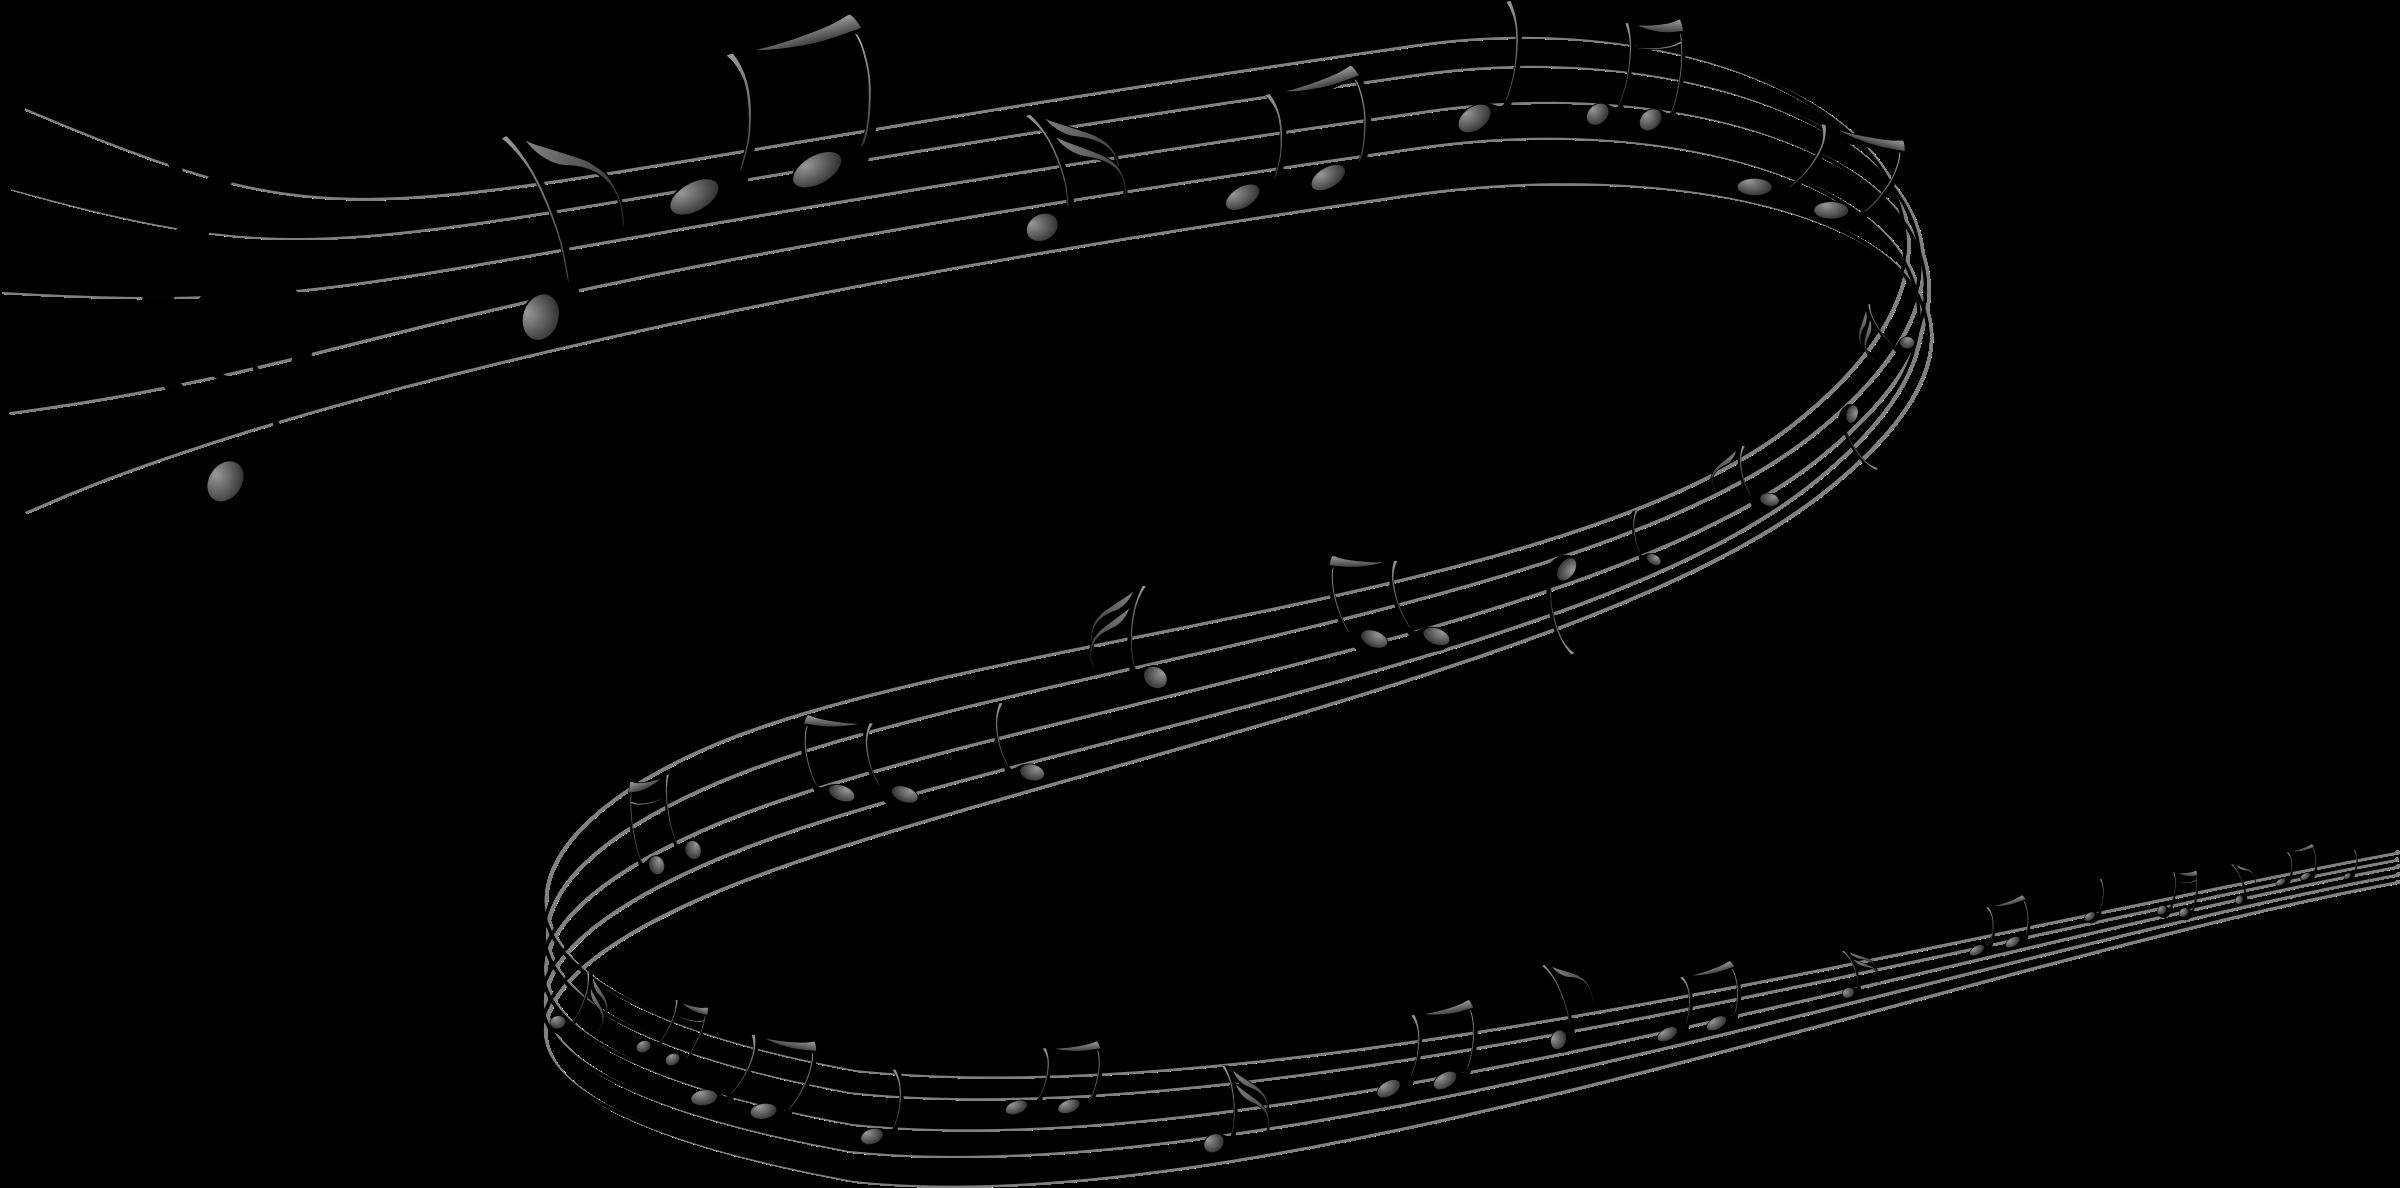 Png hd musical notes symbols transparent hd musical notes symbols 2400x1188 u003e musical notes wallpapers png hd musical notes symbols biocorpaavc Gallery